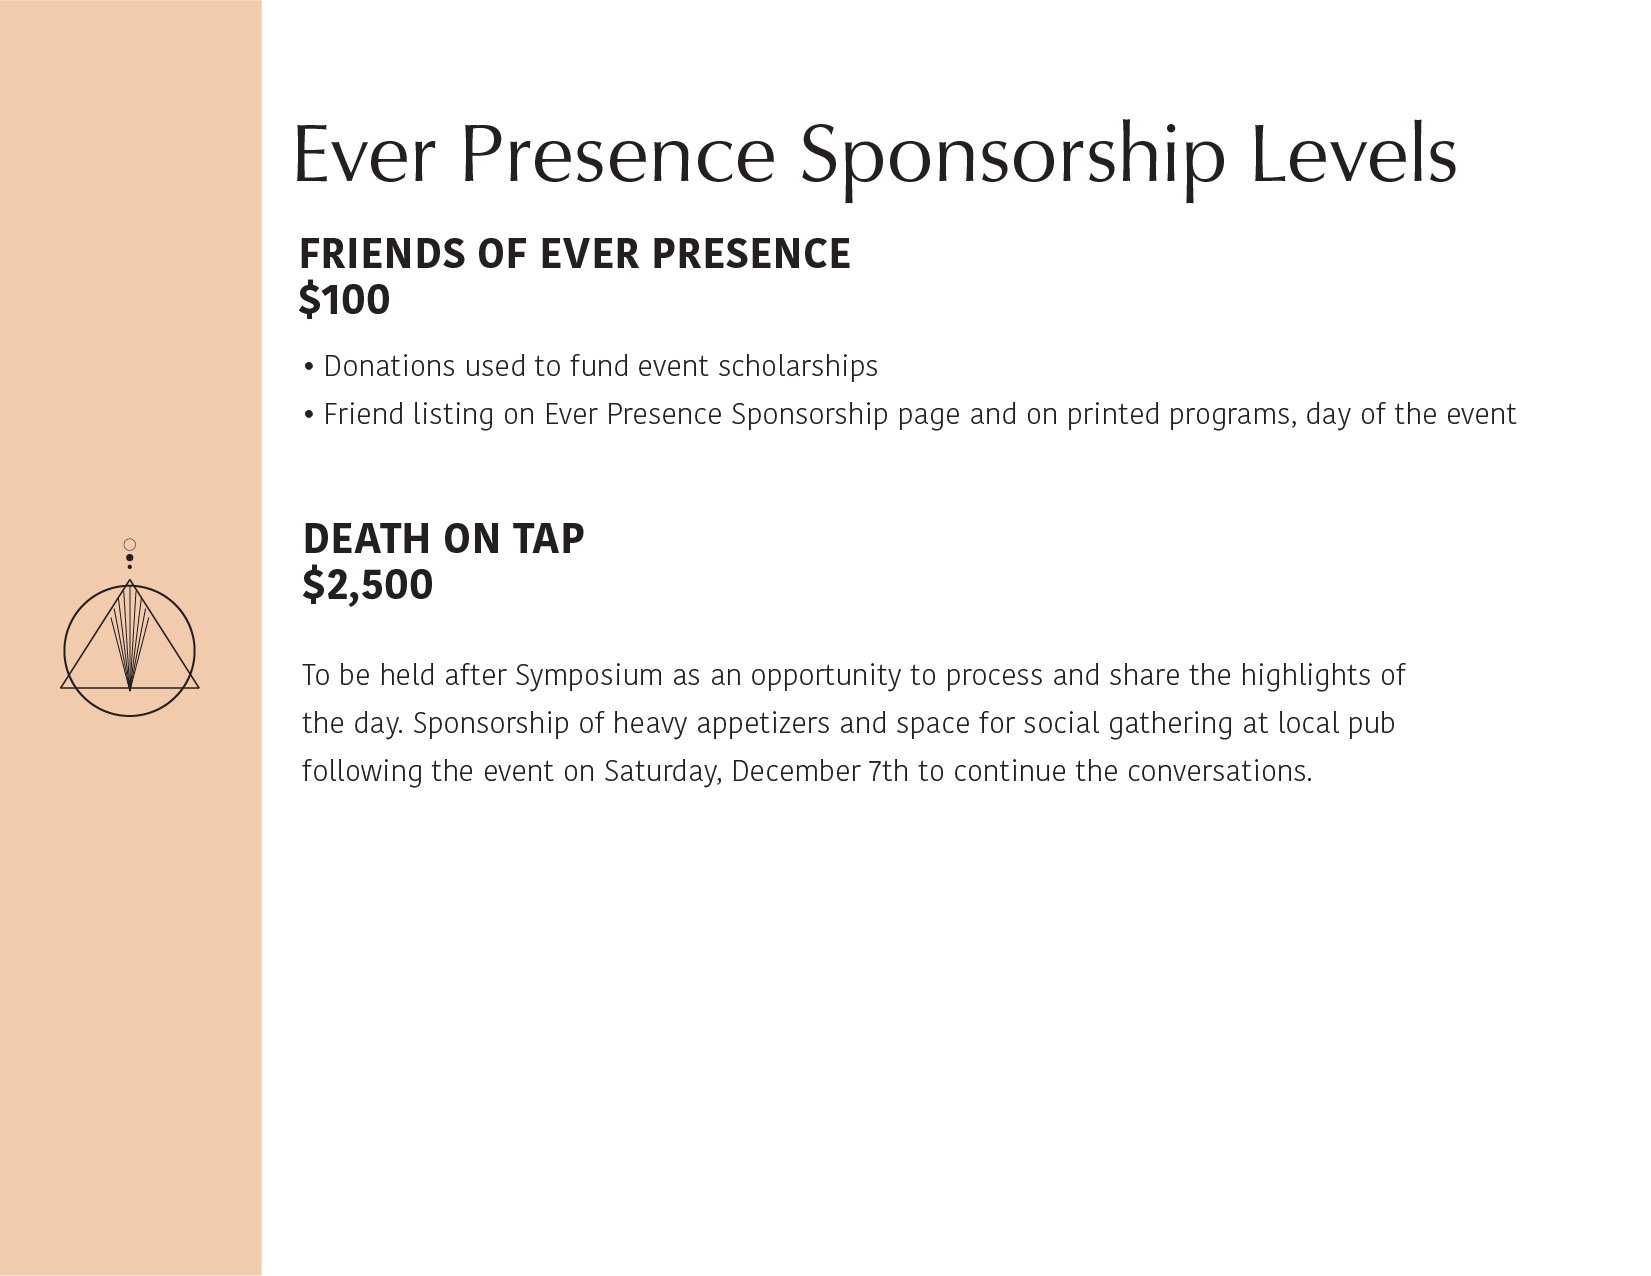 EP Sponsorship Opportunities v2-11.jpg